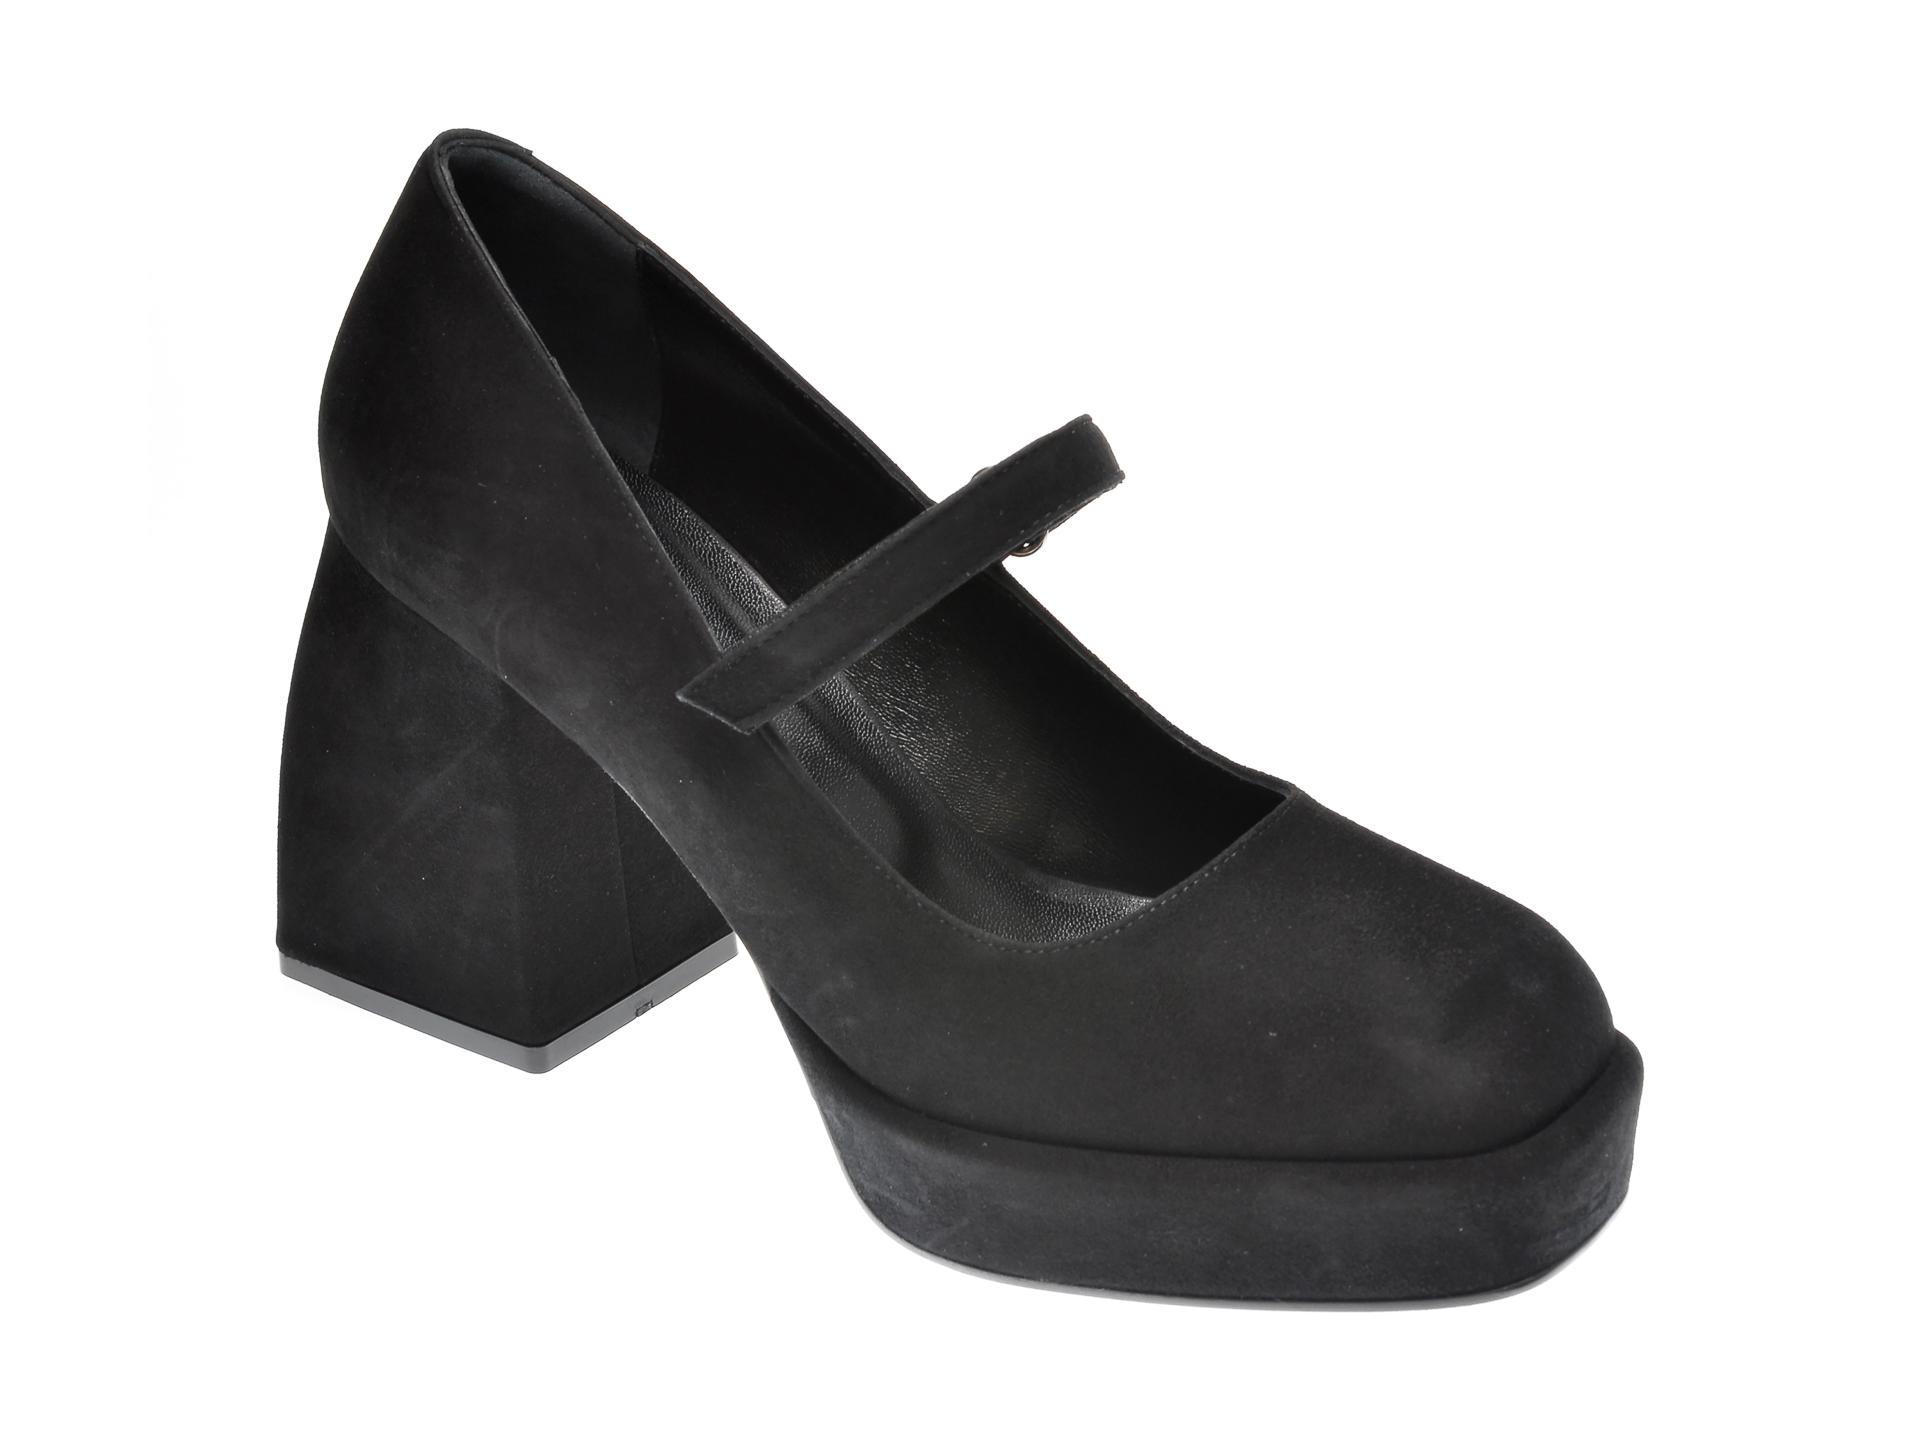 Pantofi EPICA negri, 4452, din piele intoarsa imagine